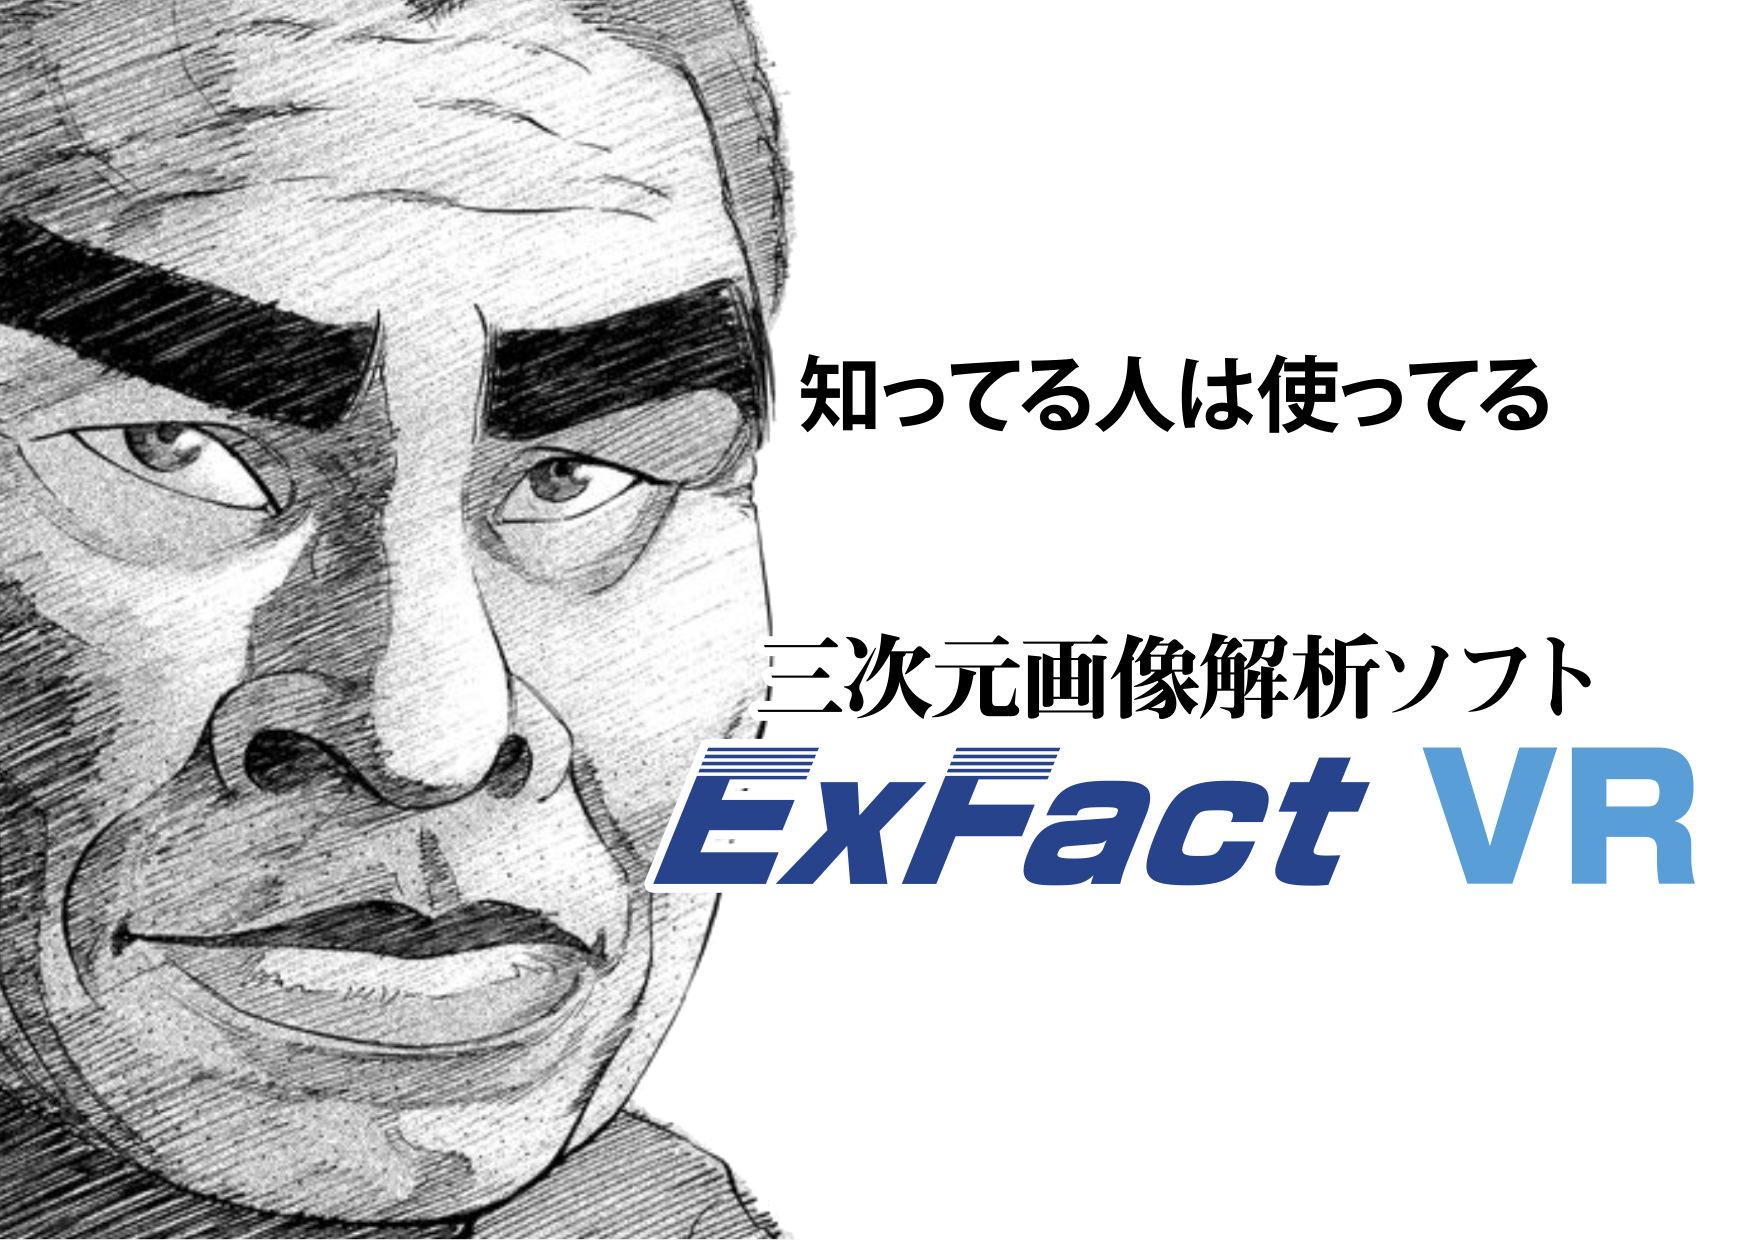 ブラよろで分かるExFact VR